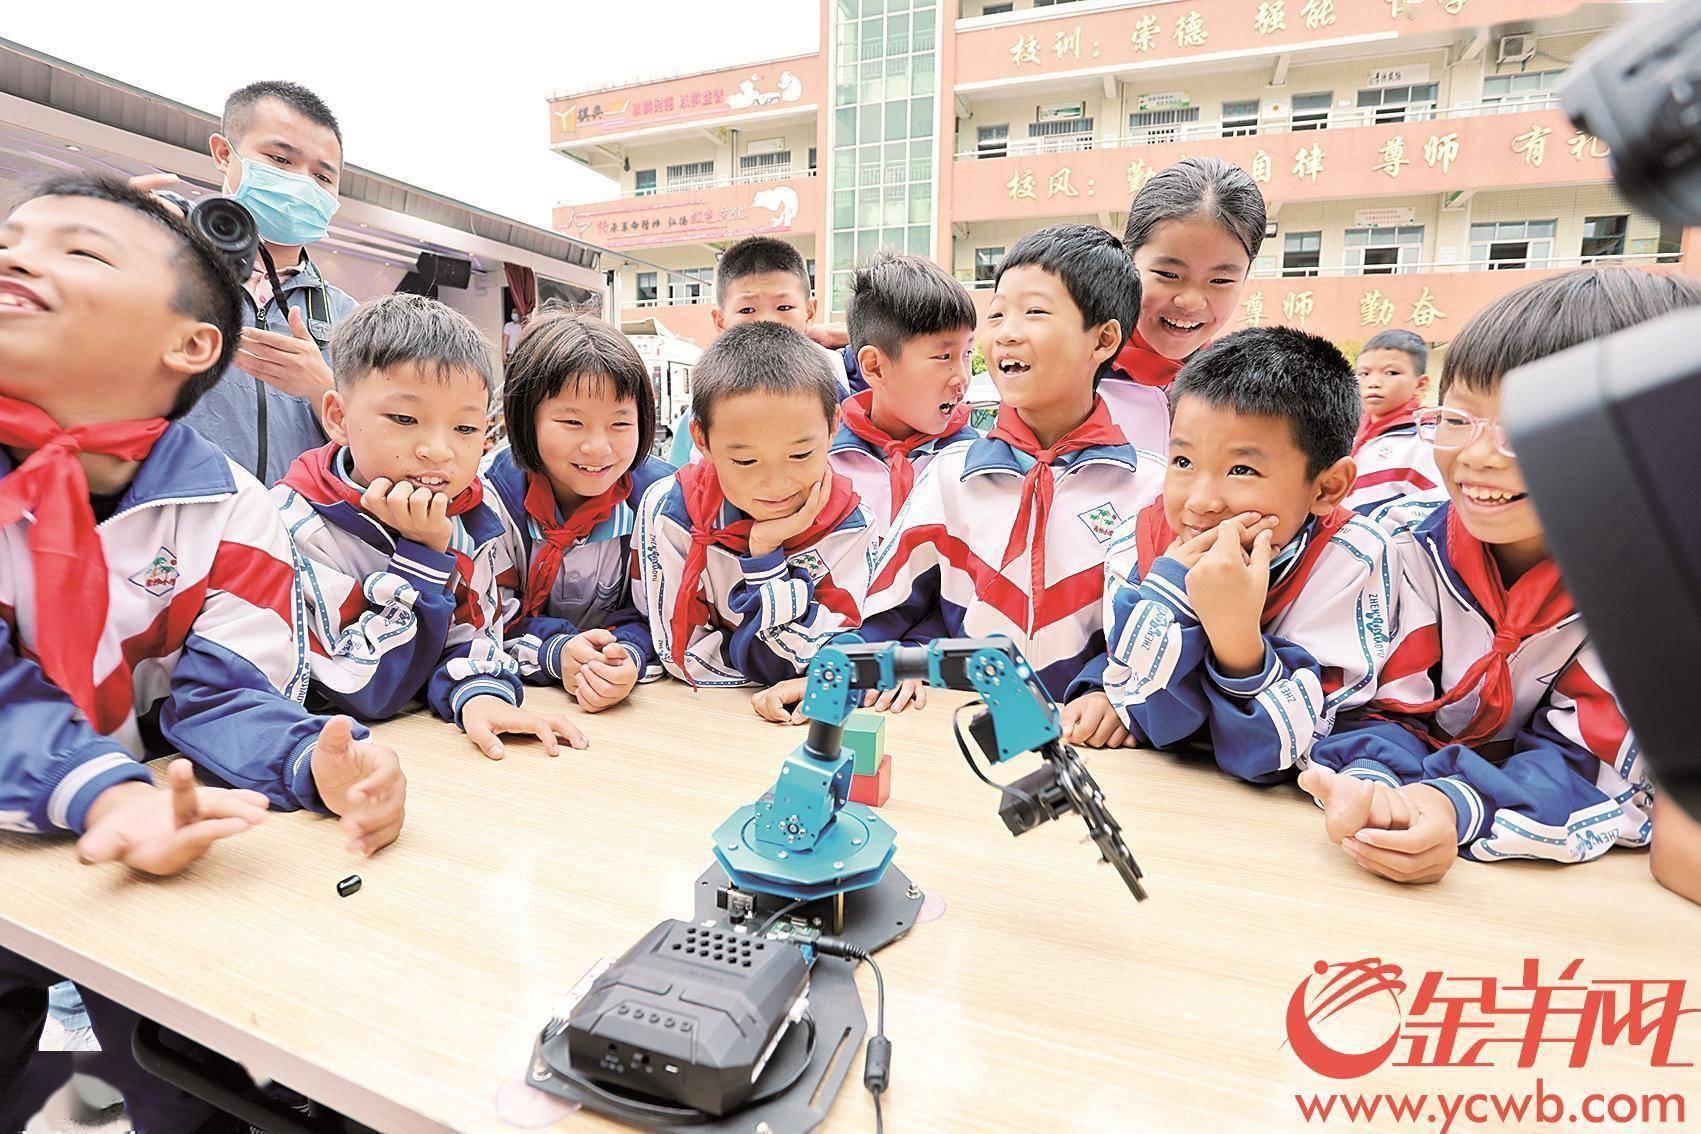 广东福彩育苗计划 为欠发达地区儿童送去素质教育